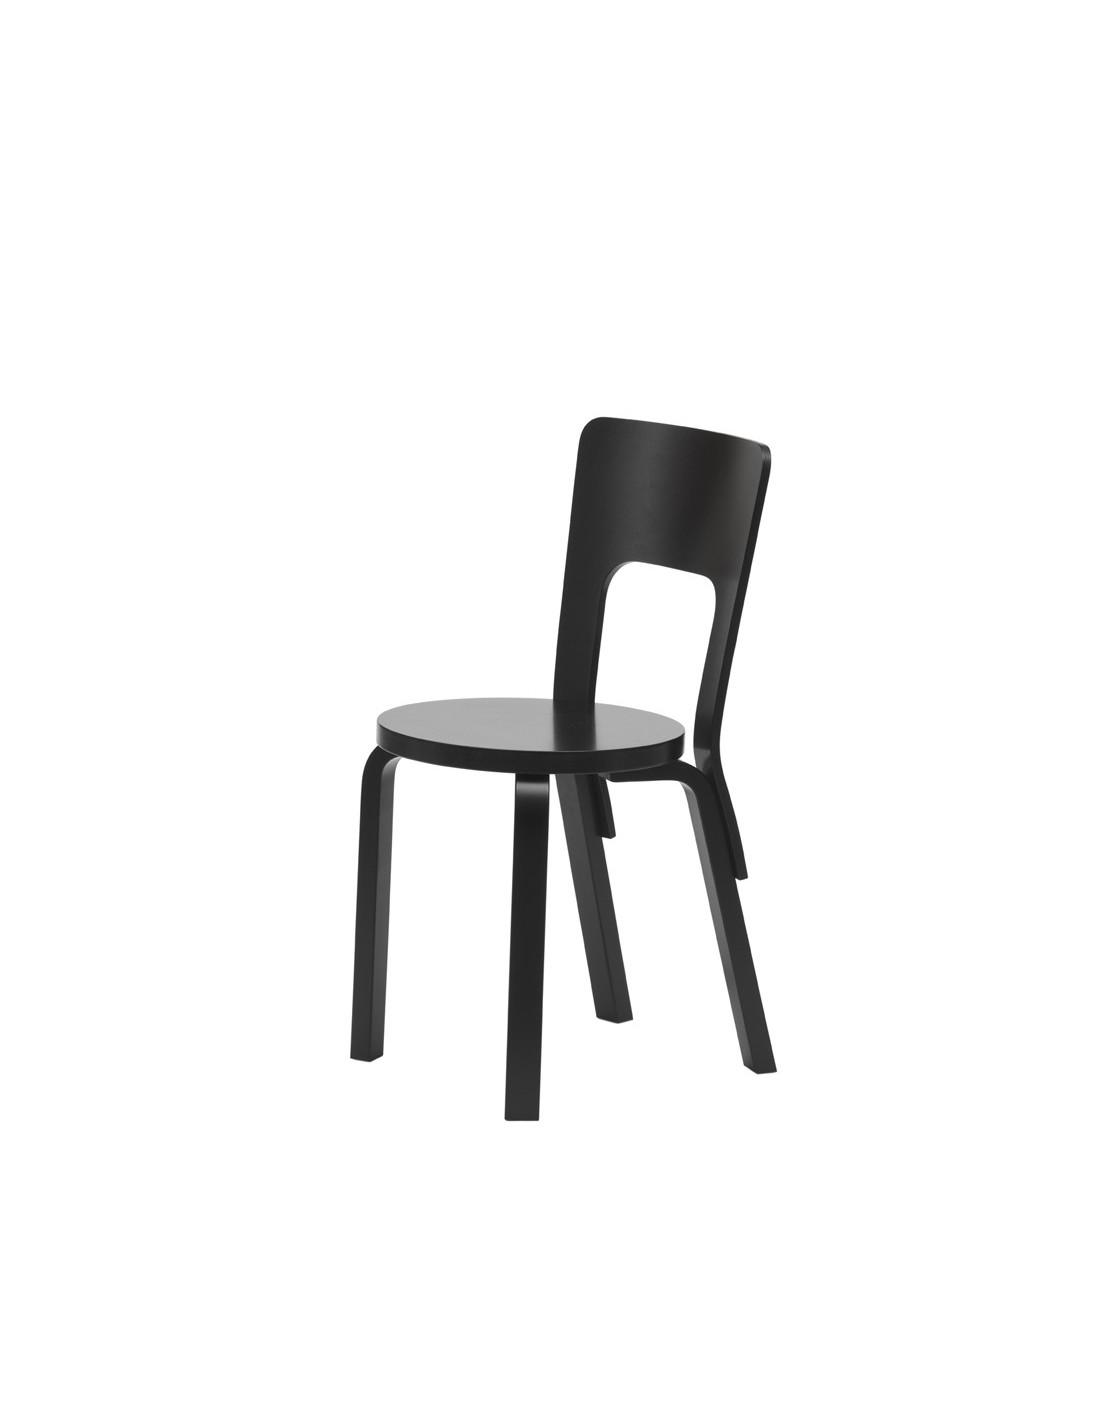 Chair 66 alvar aalto design for artek la boutique danoise for Chaise 66 alvar aalto